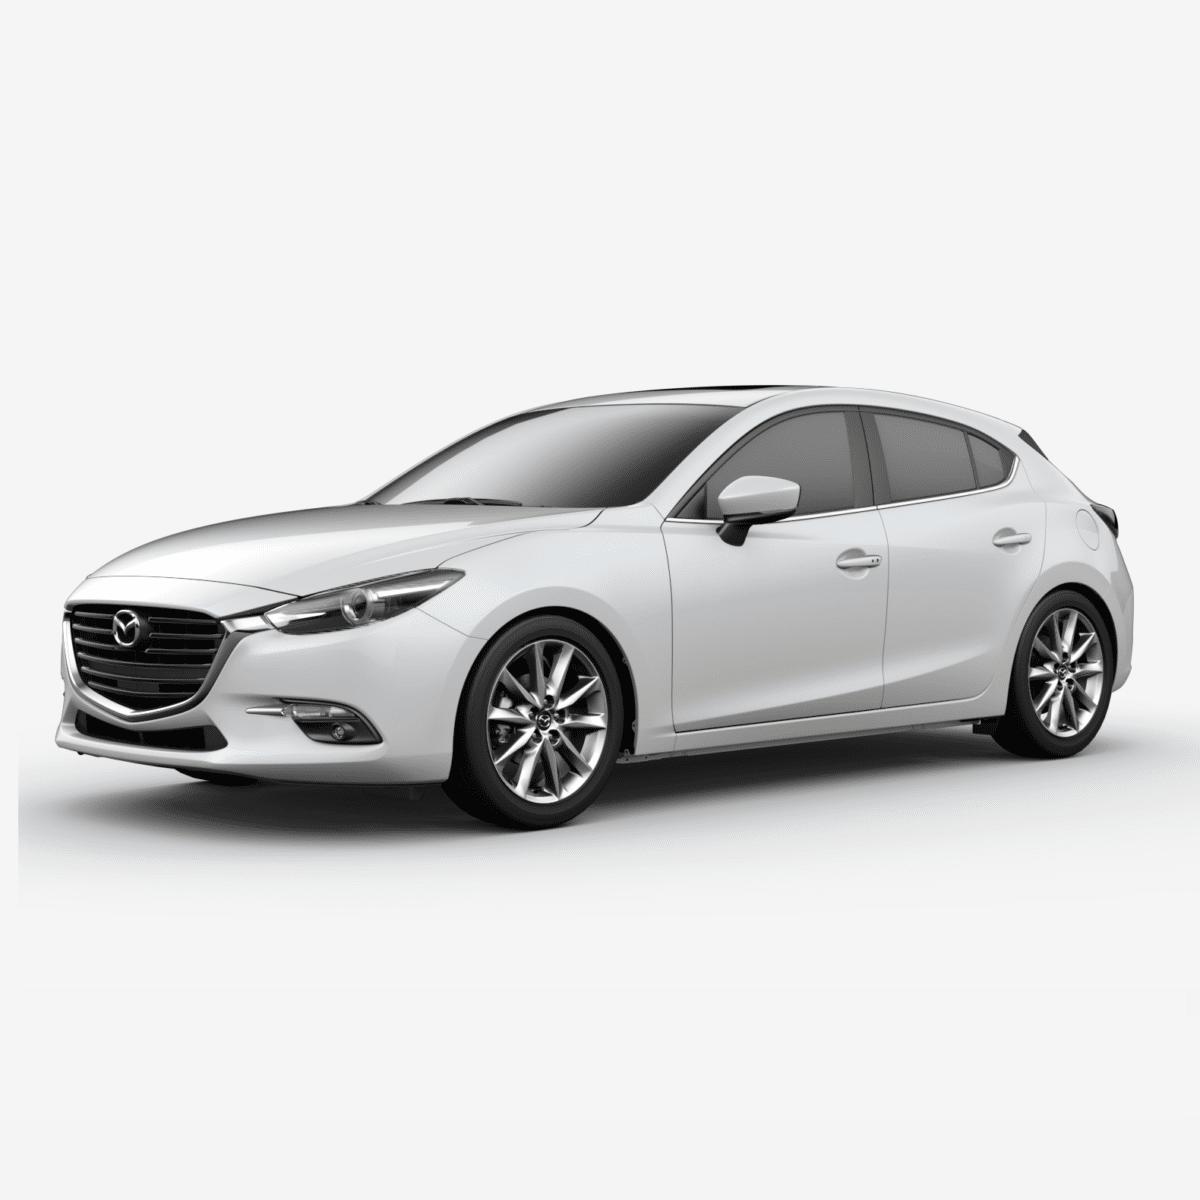 Mazda 3v- Wypożyczalnia samochodów, wynajem aut - Białystok, Podlaskie PHU